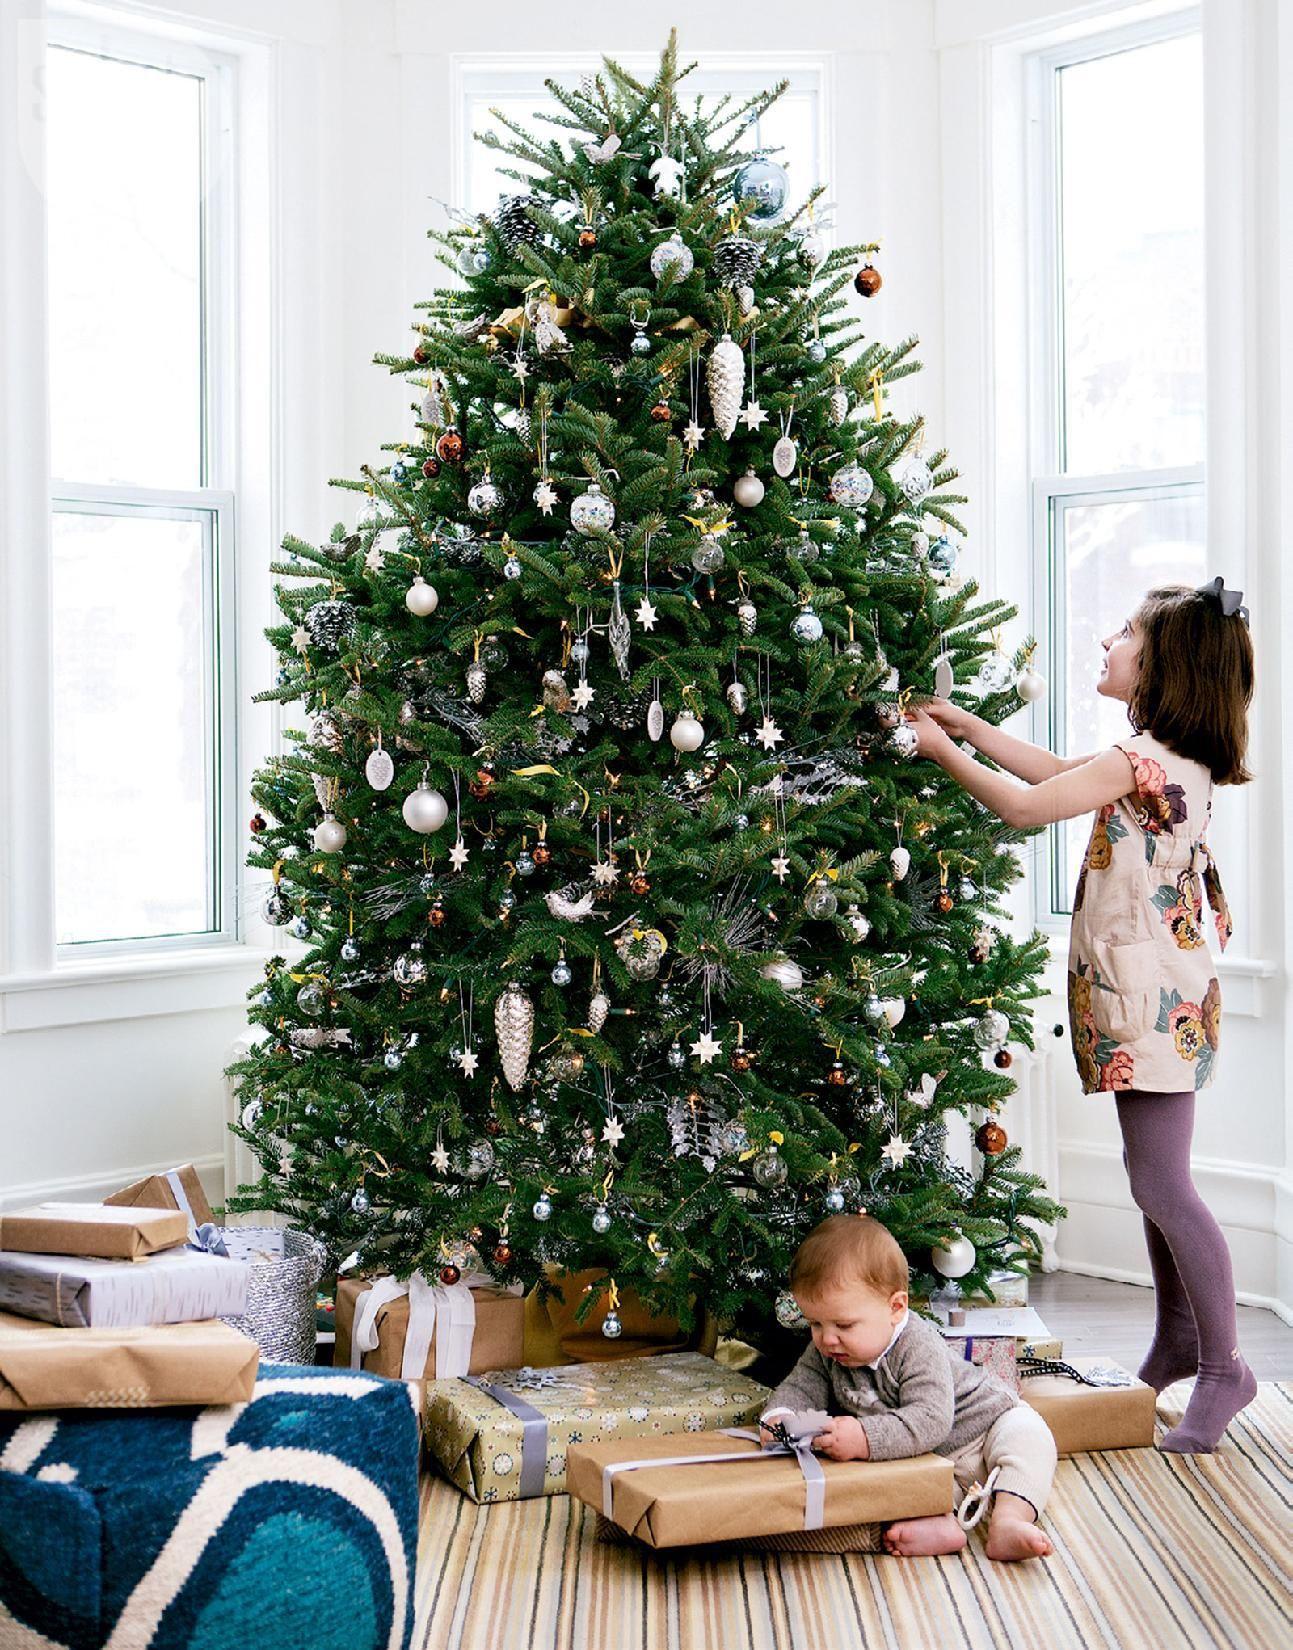 Noël classique et contemporain à Montréal | PLANETE DECO a homes world